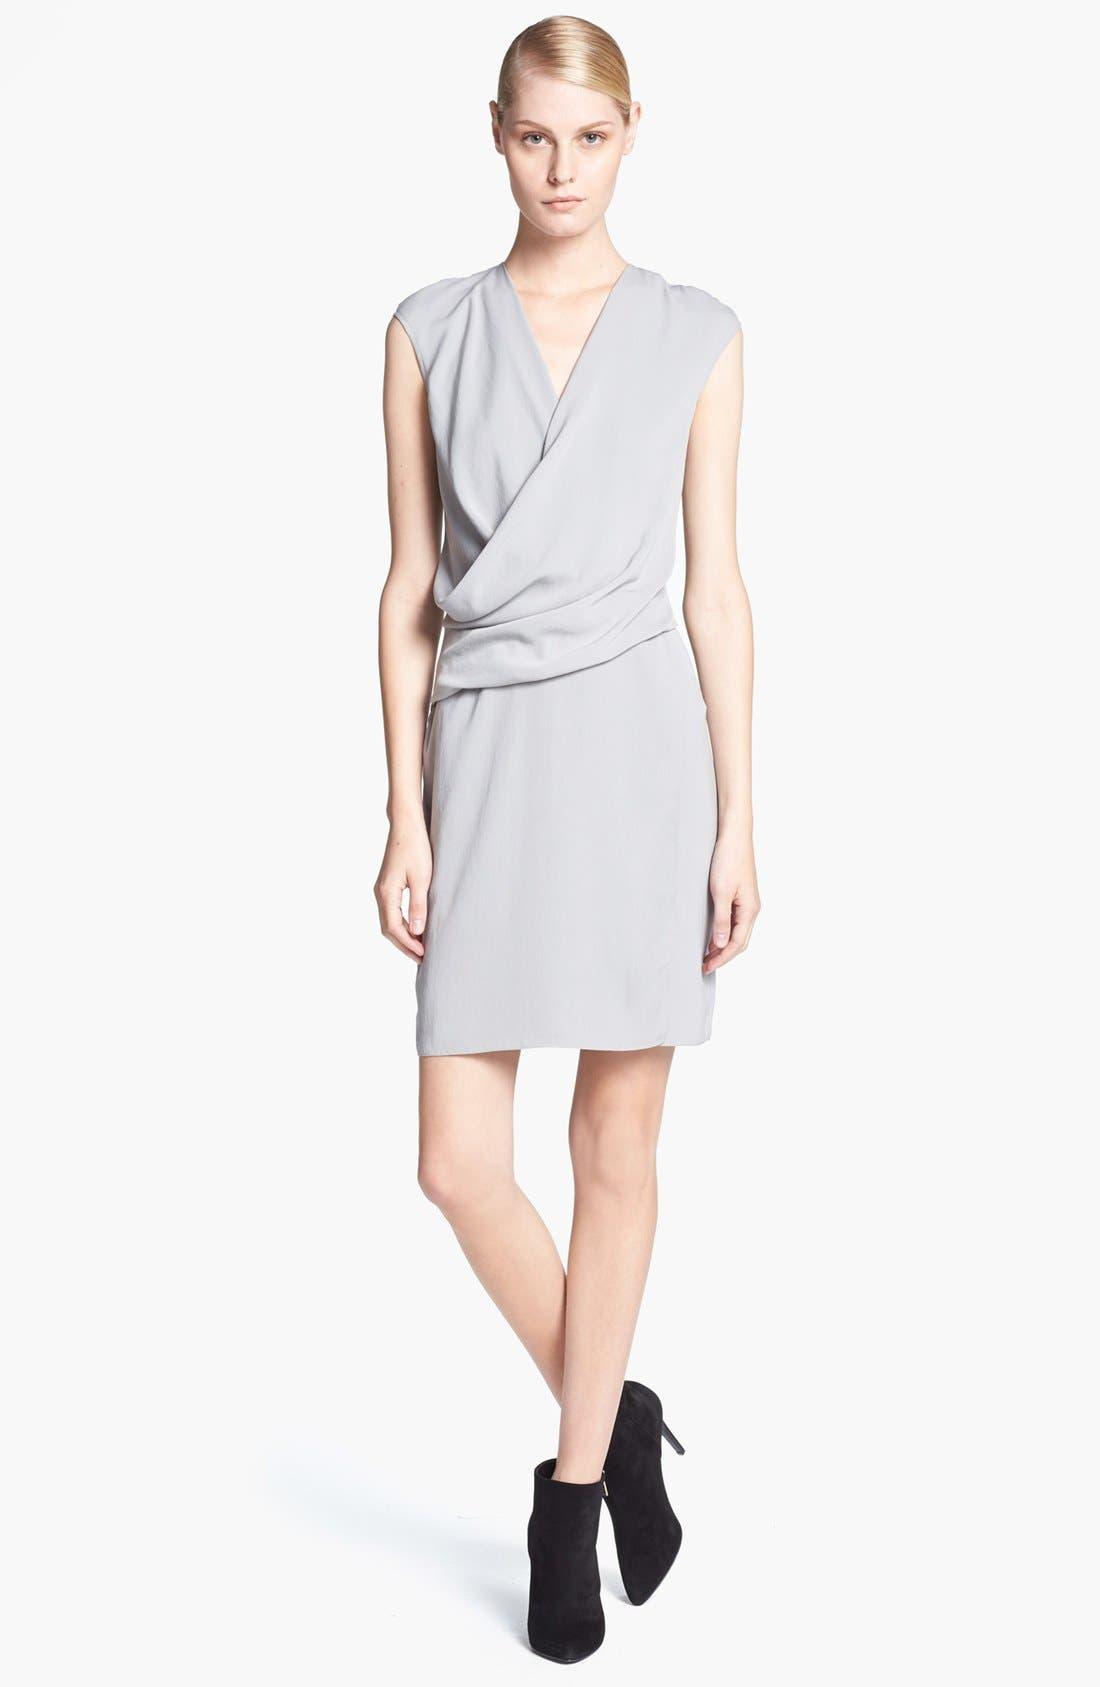 Main Image - HELMUT Helmut Lang 'Nexa' Overlap Dress